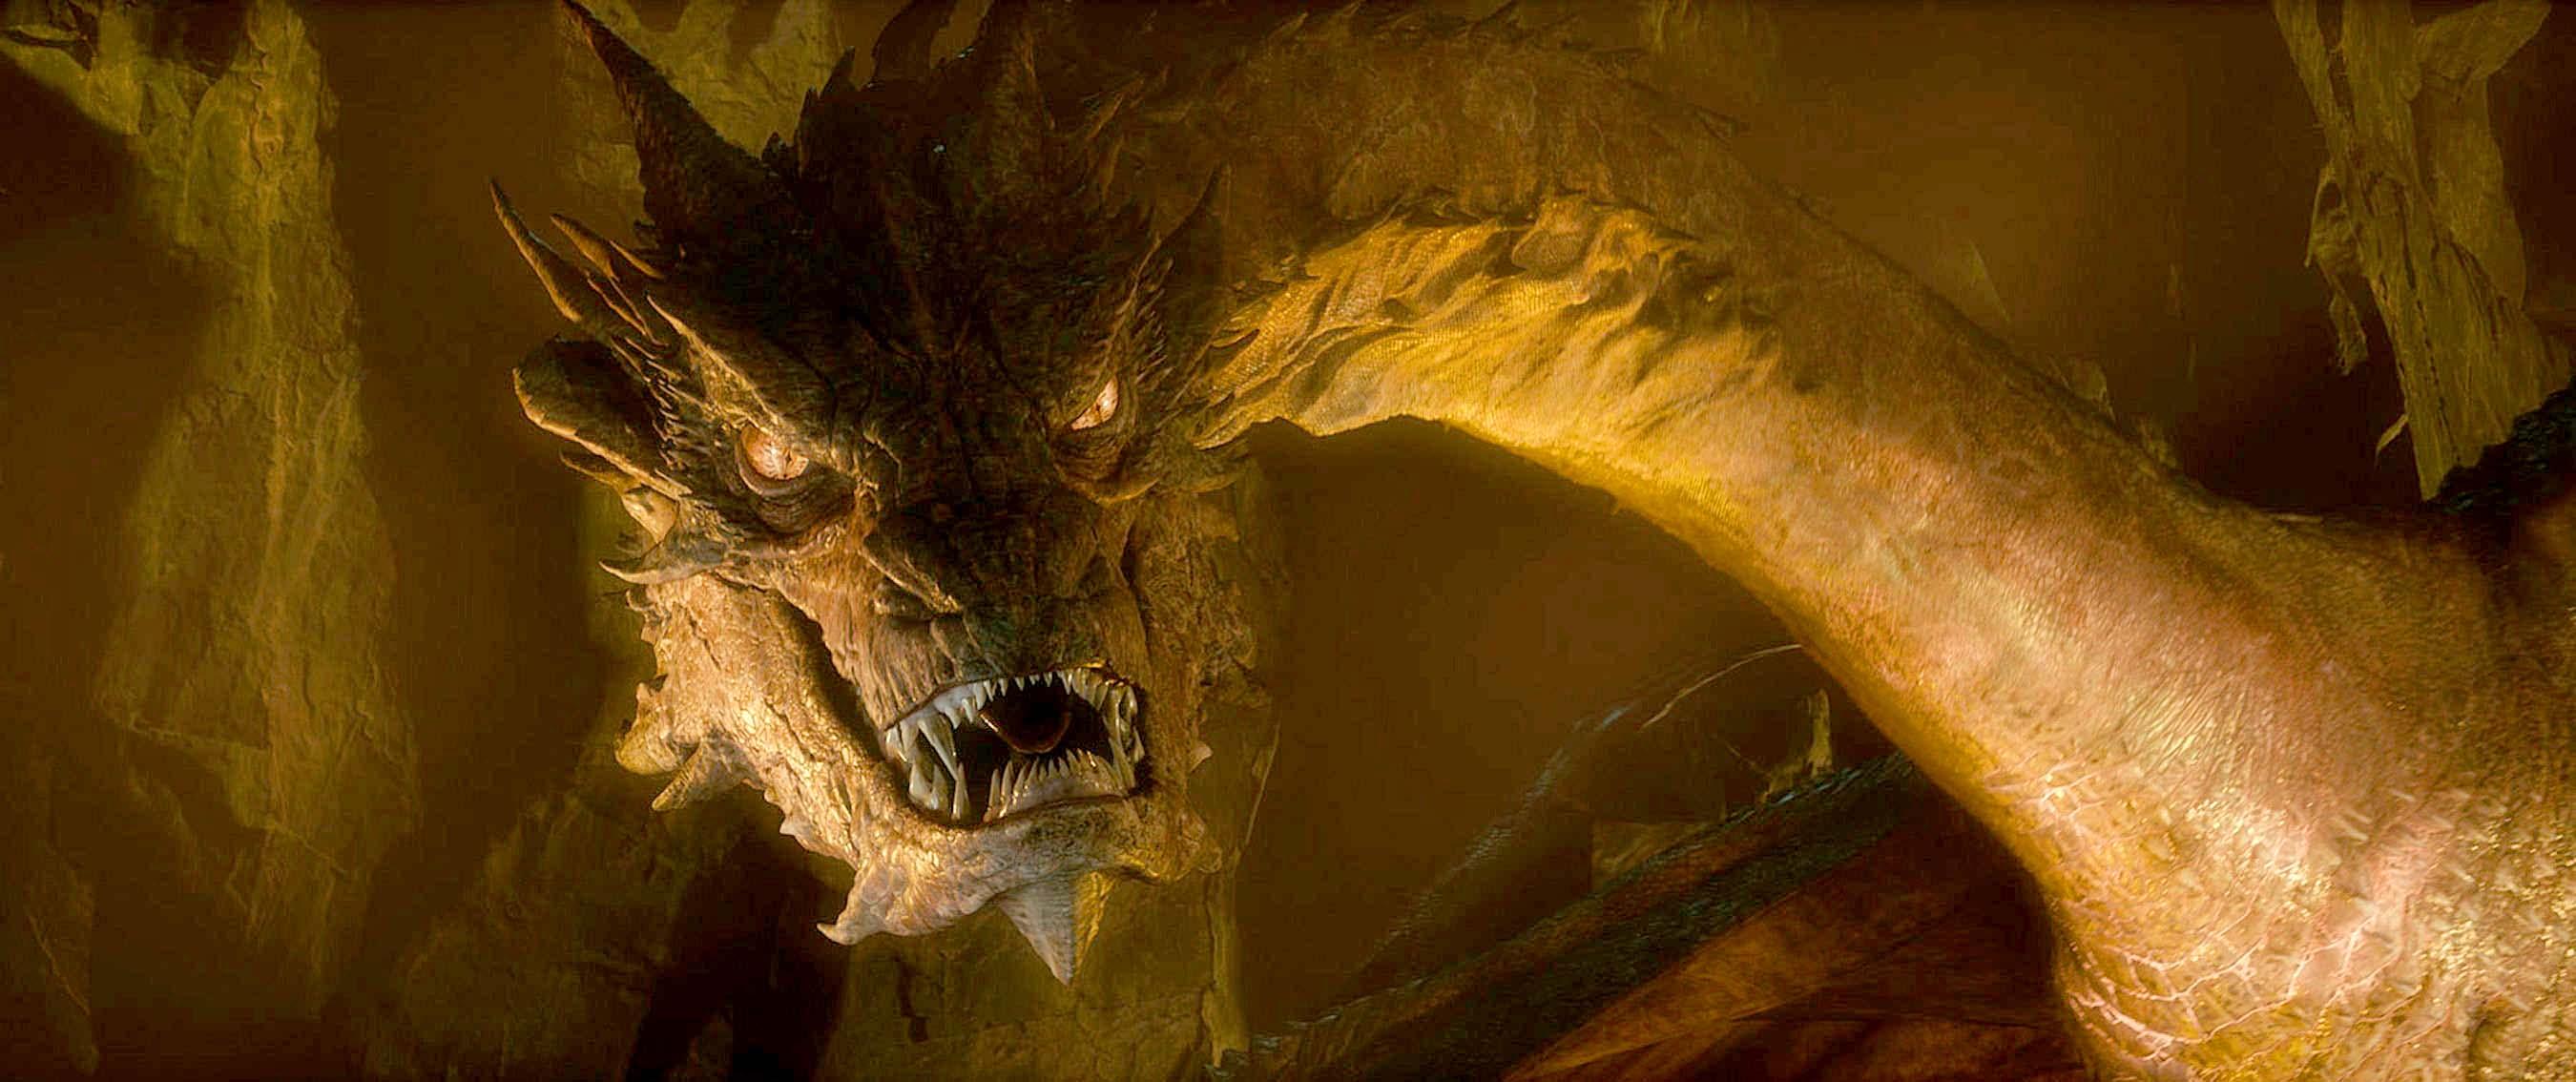 [Film Trilogie] Le Hobbit (2012/2013/2014) Smaug